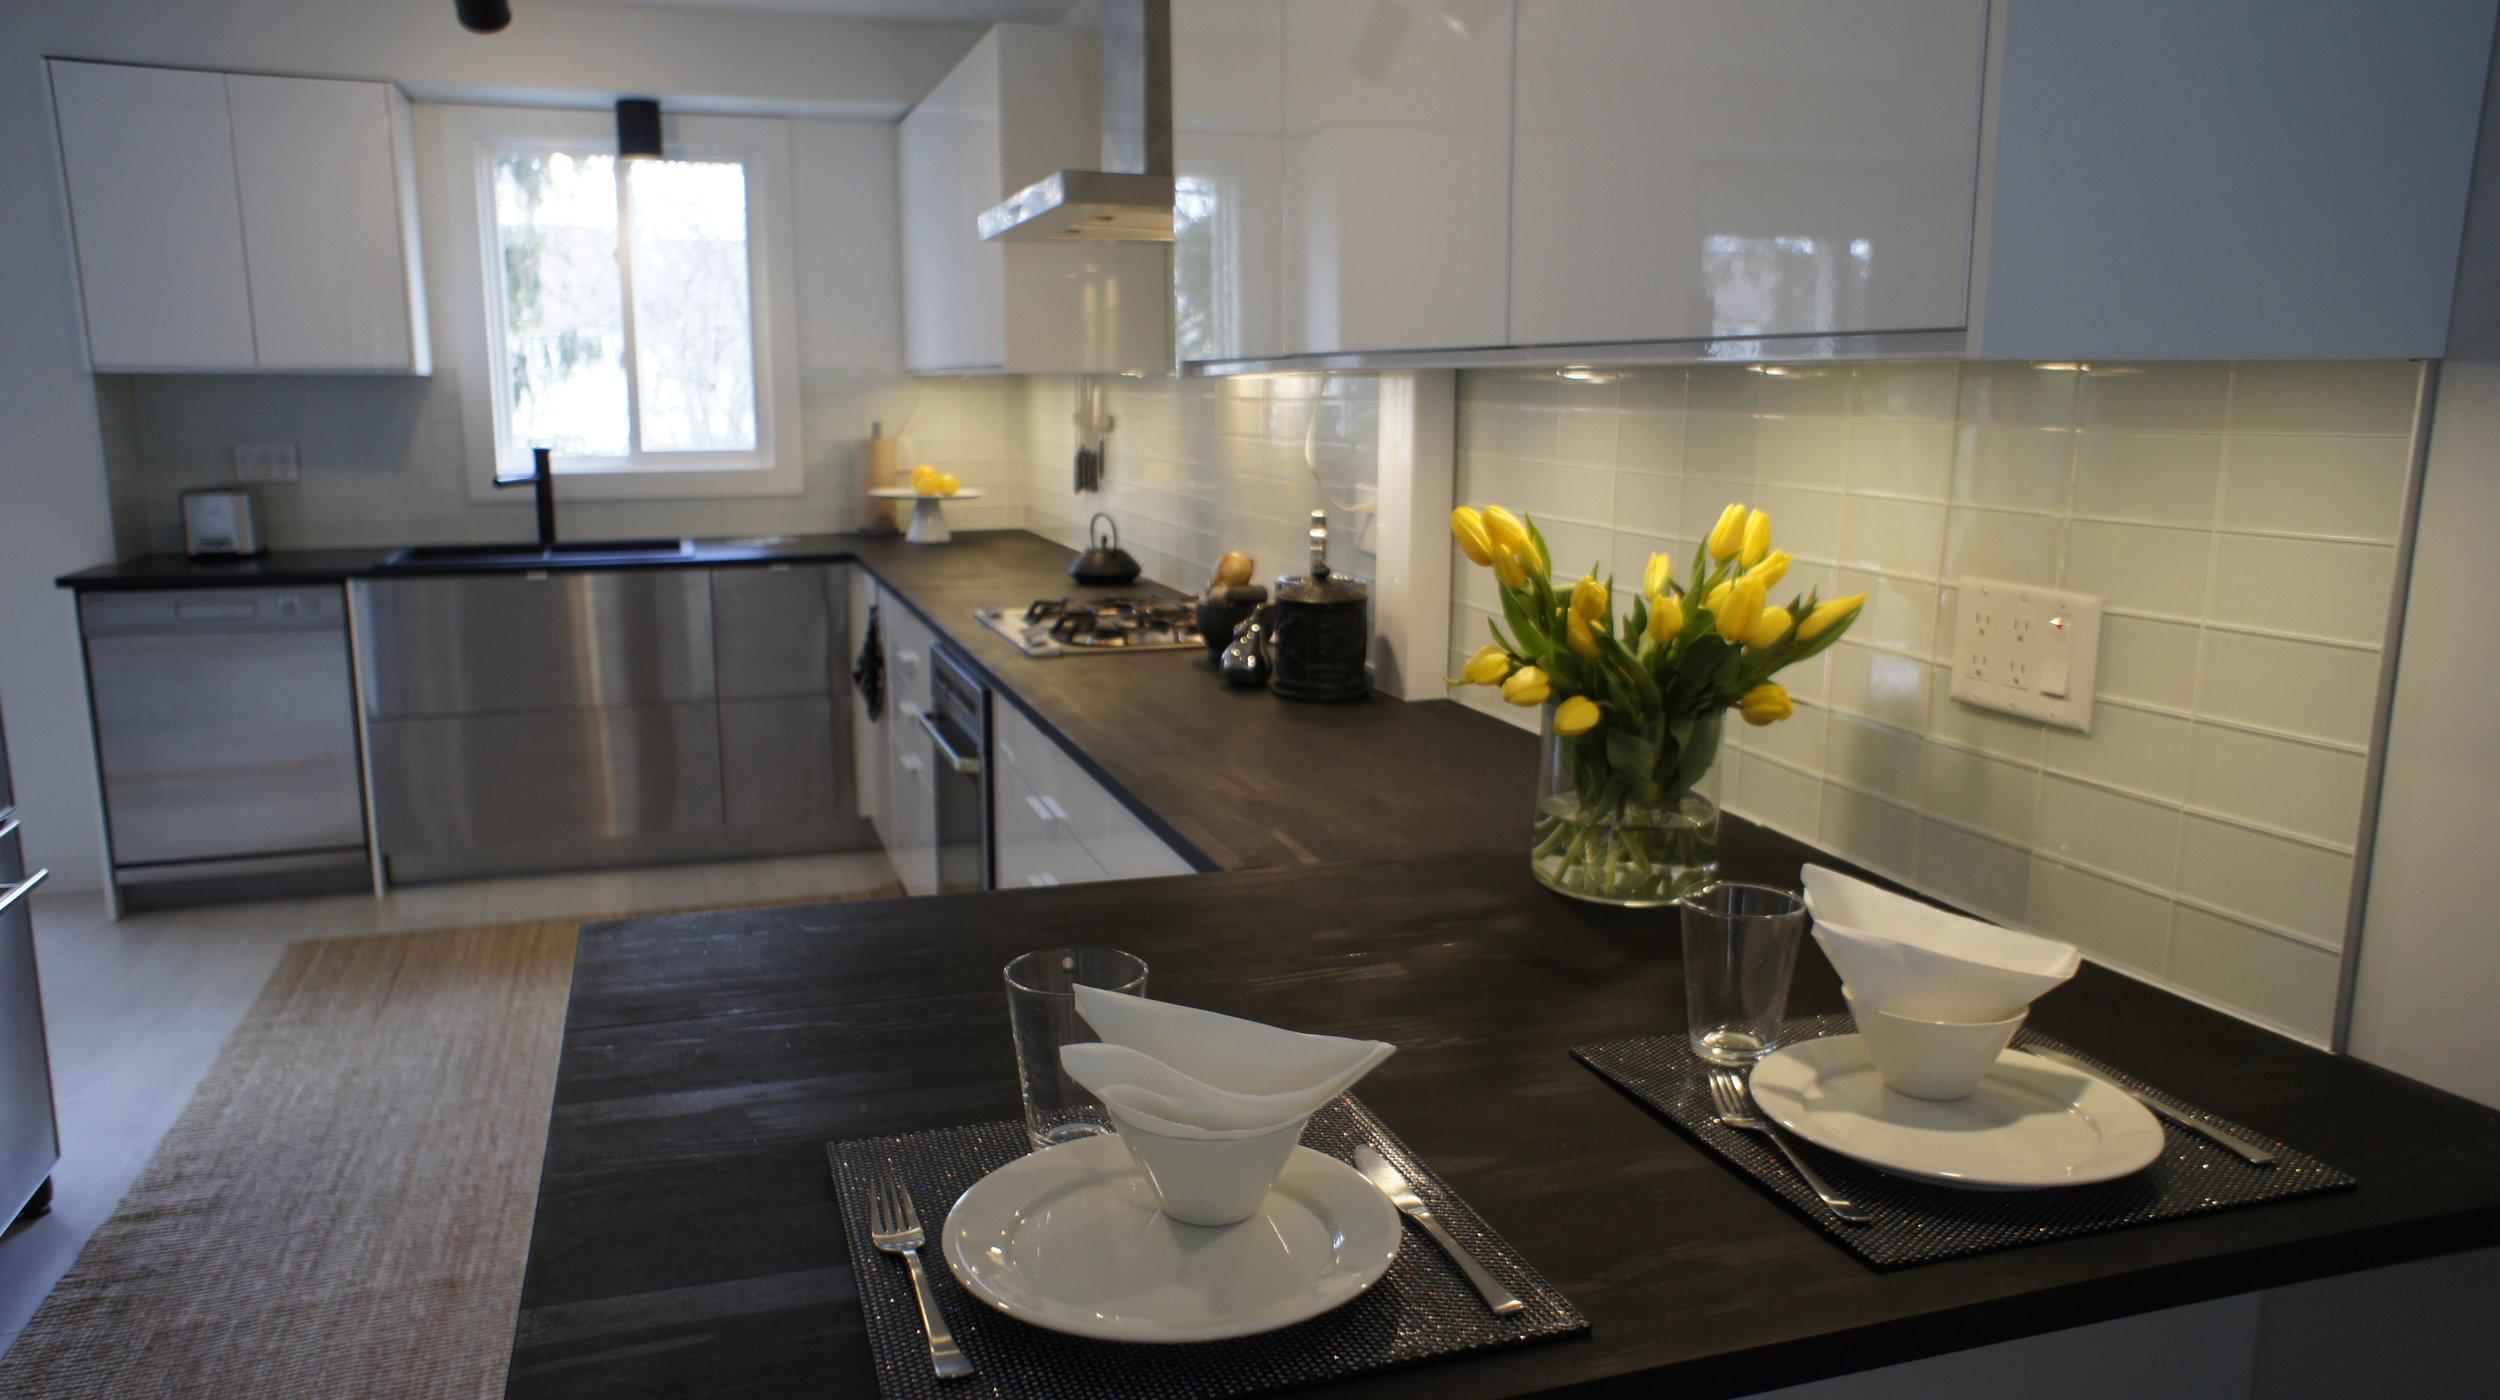 Scandinavian kitchen with warmth.jpg